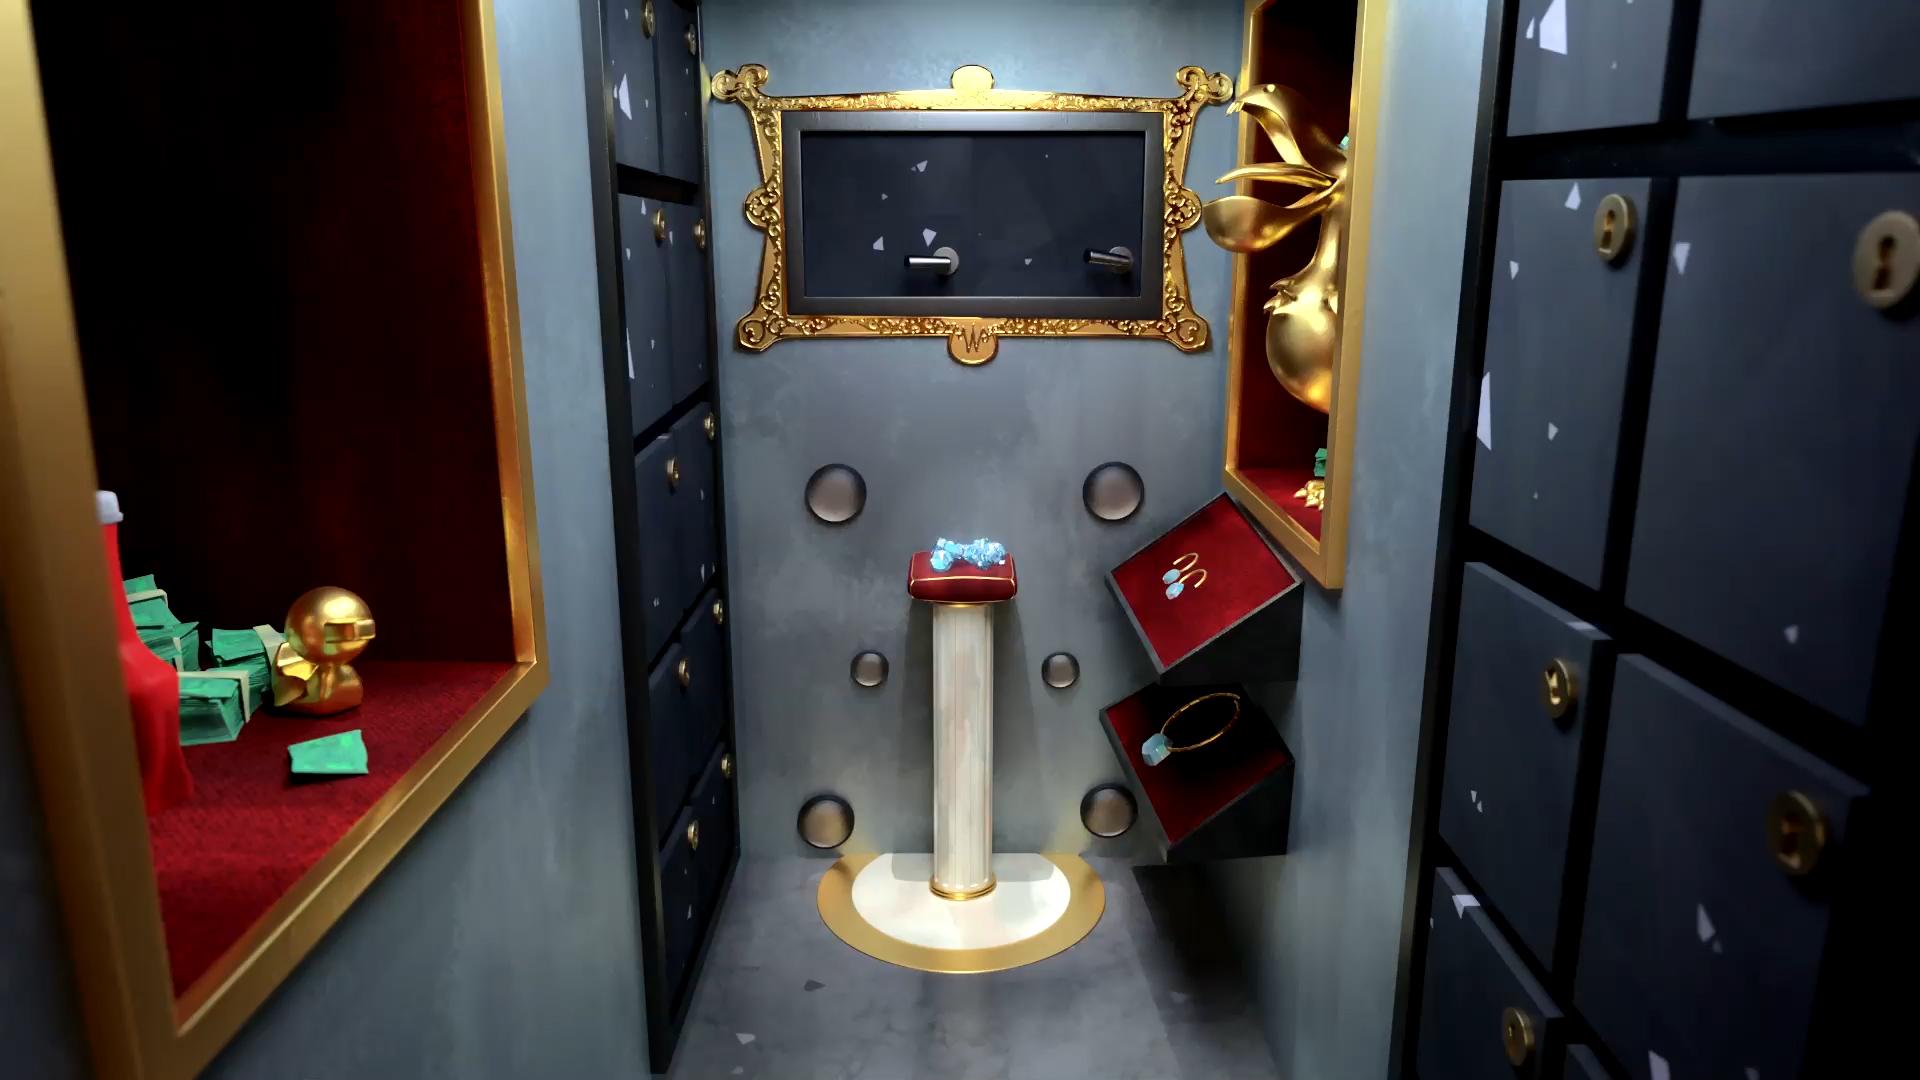 Inside Walter's vault